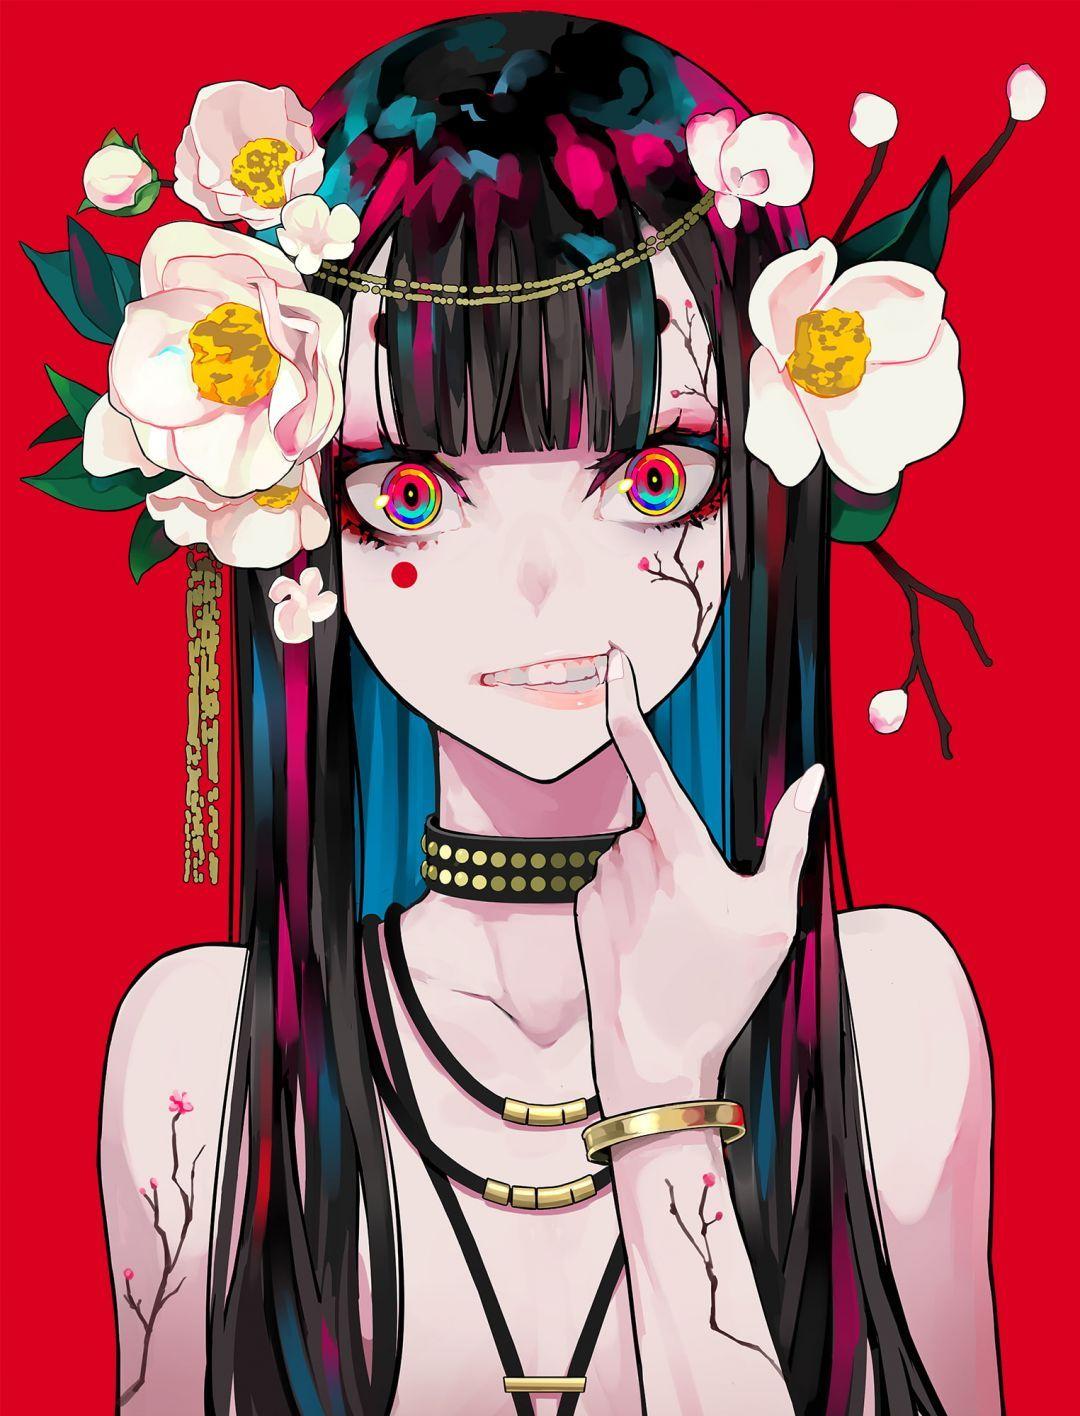 Android Iphone Desktop Wallpapers 1080p 4k 5k 63511 Wallpapers Hdwallpapers Androidwallpapers Lookingatvi Anime Art Girl Anime Art Anime Artwork